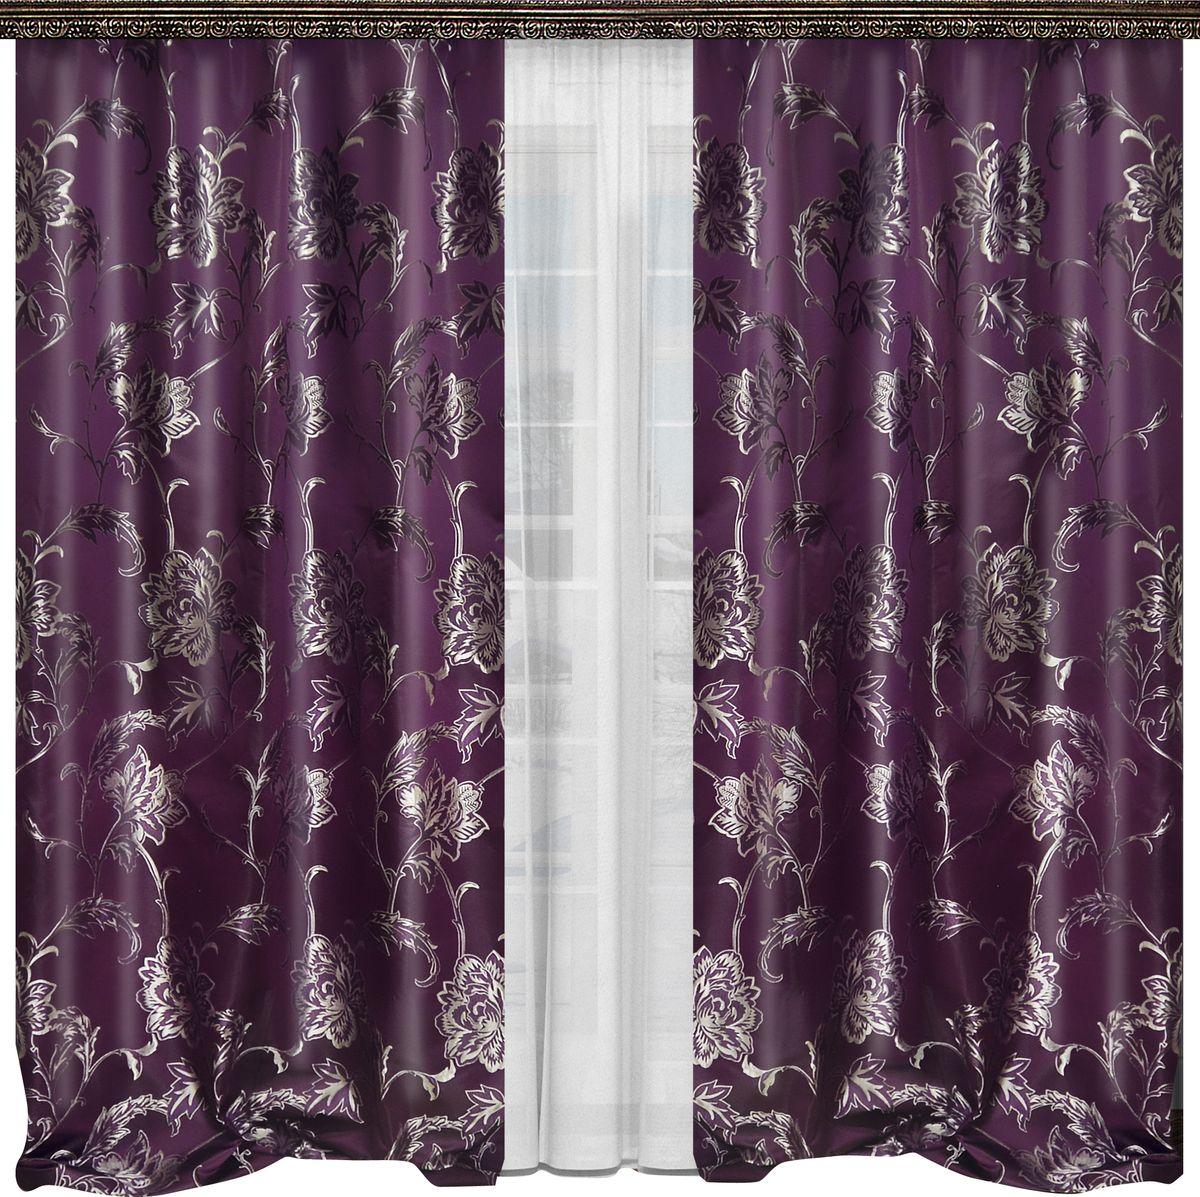 Комплект штор Zlata Korunka, на ленте, цвет: фиолетовый, белый, высота 265 см. 777052777052Роскошный комплект штор Zlata Korunka, выполненный из полиэстера,великолепно украсит любое окно. Комплект состоит из двух штор и тюля.Изящный рисунок и приятная цветовая гамма привлекут к себевнимание и органично впишутся в интерьер помещения. Этот комплект будет долгое время радовать вас и вашу семью! Комплект крепится на карниз при помощи ленты, которая поможет красиво иравномерно задрапировать верх.